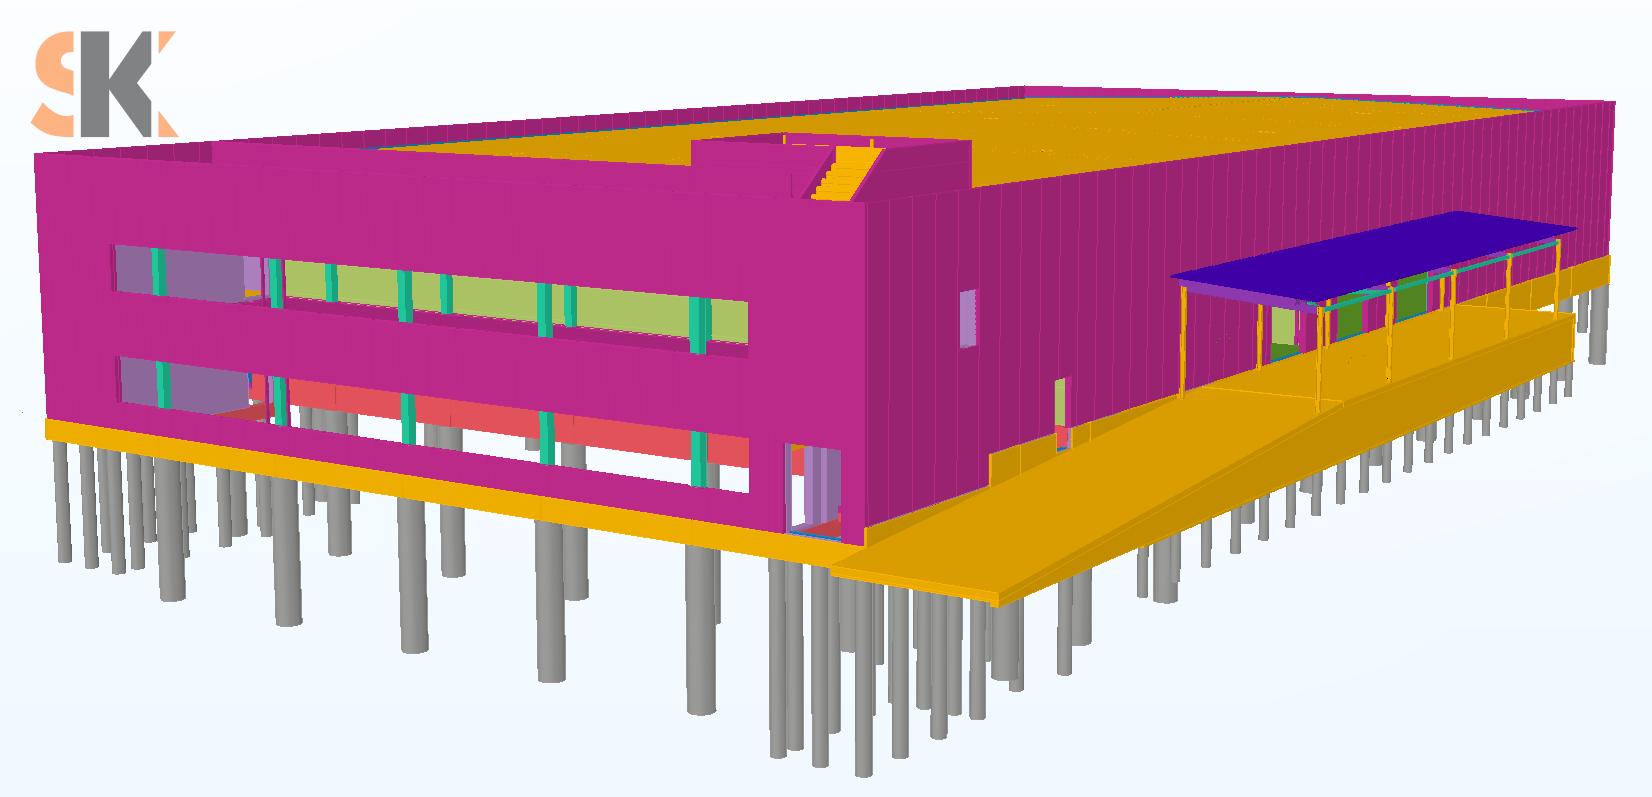 Sandėliavimo paskirties pastatas Dobkevičiaus g. 10 Vilniuje. Techninis ir darbo projektai